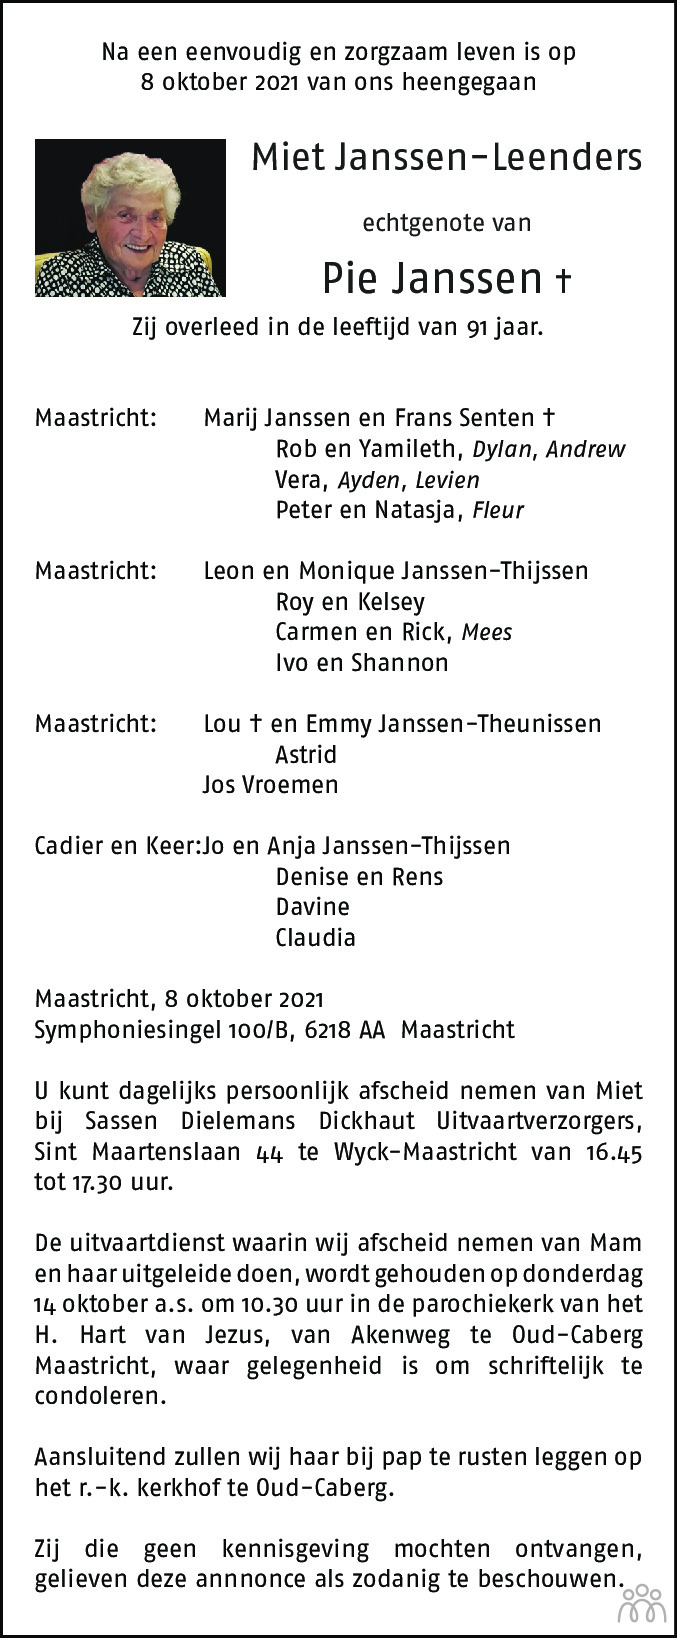 Overlijdensbericht van Miet Janssen-Leenders in De Limburger